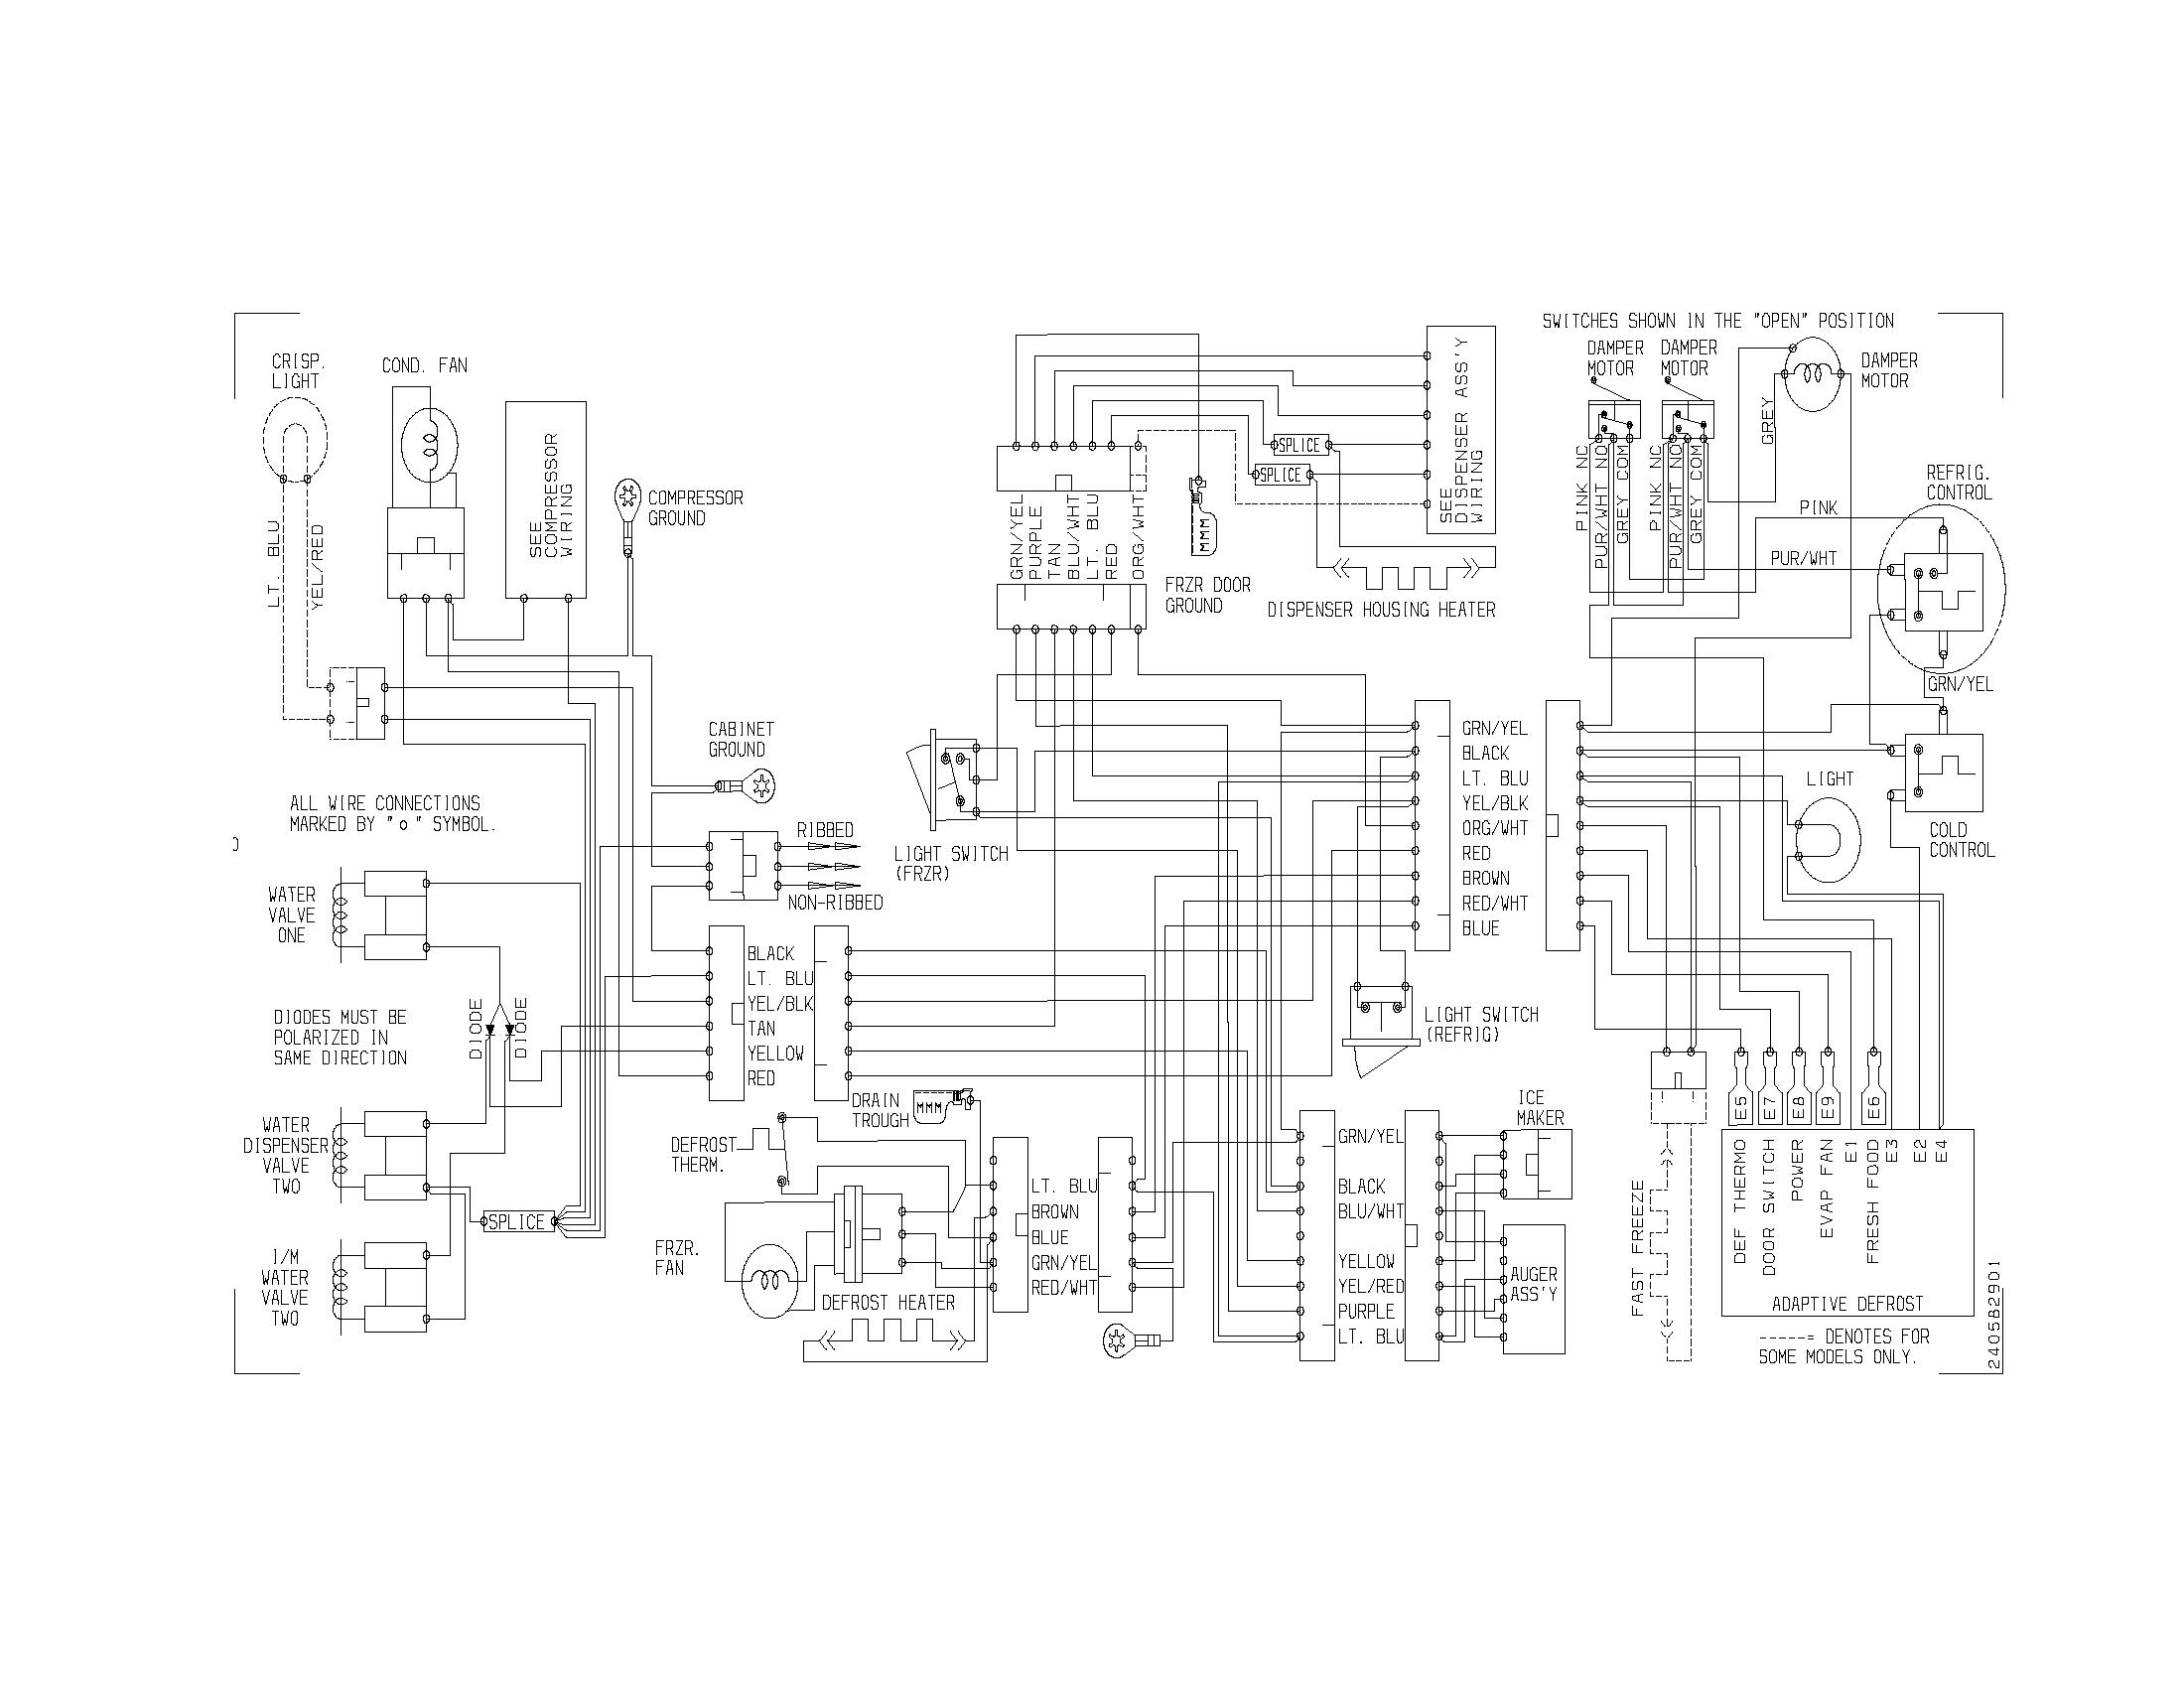 Frigidaire model PLRS267ZAB8 side-by-side refrigerator